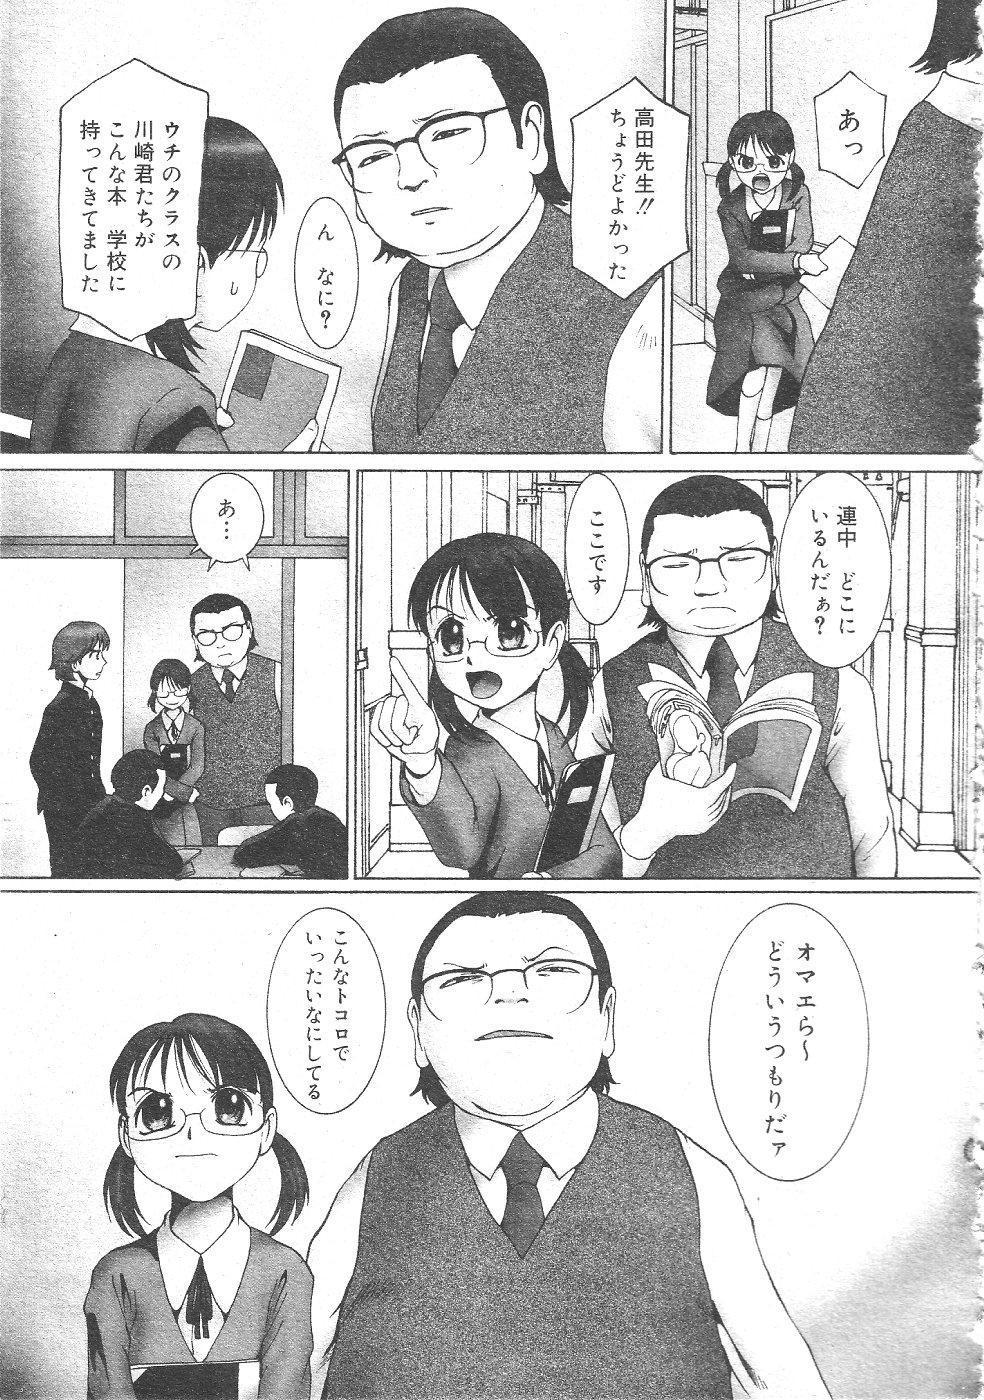 Gekkan Comic Muga 2004-06 Vol.10 174